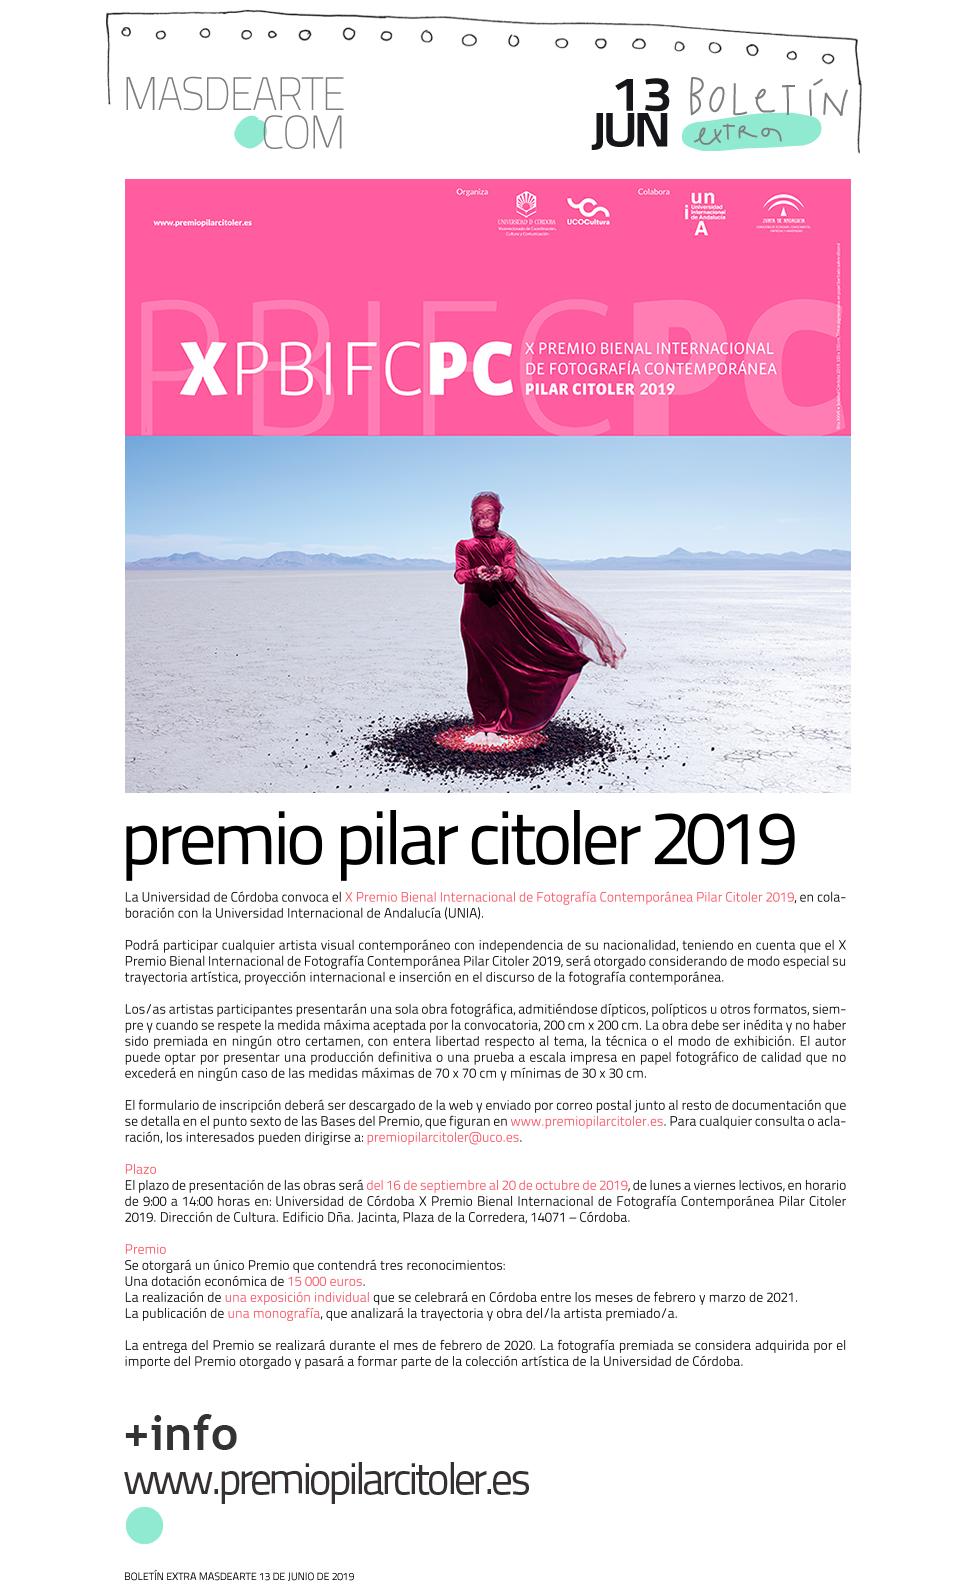 X Premio Bienal Internacional de Fotografía Contemporánea Pilar  Citoler. Convocatoria 2019, del 16 de septiembre al 20 de octubre de 2019.